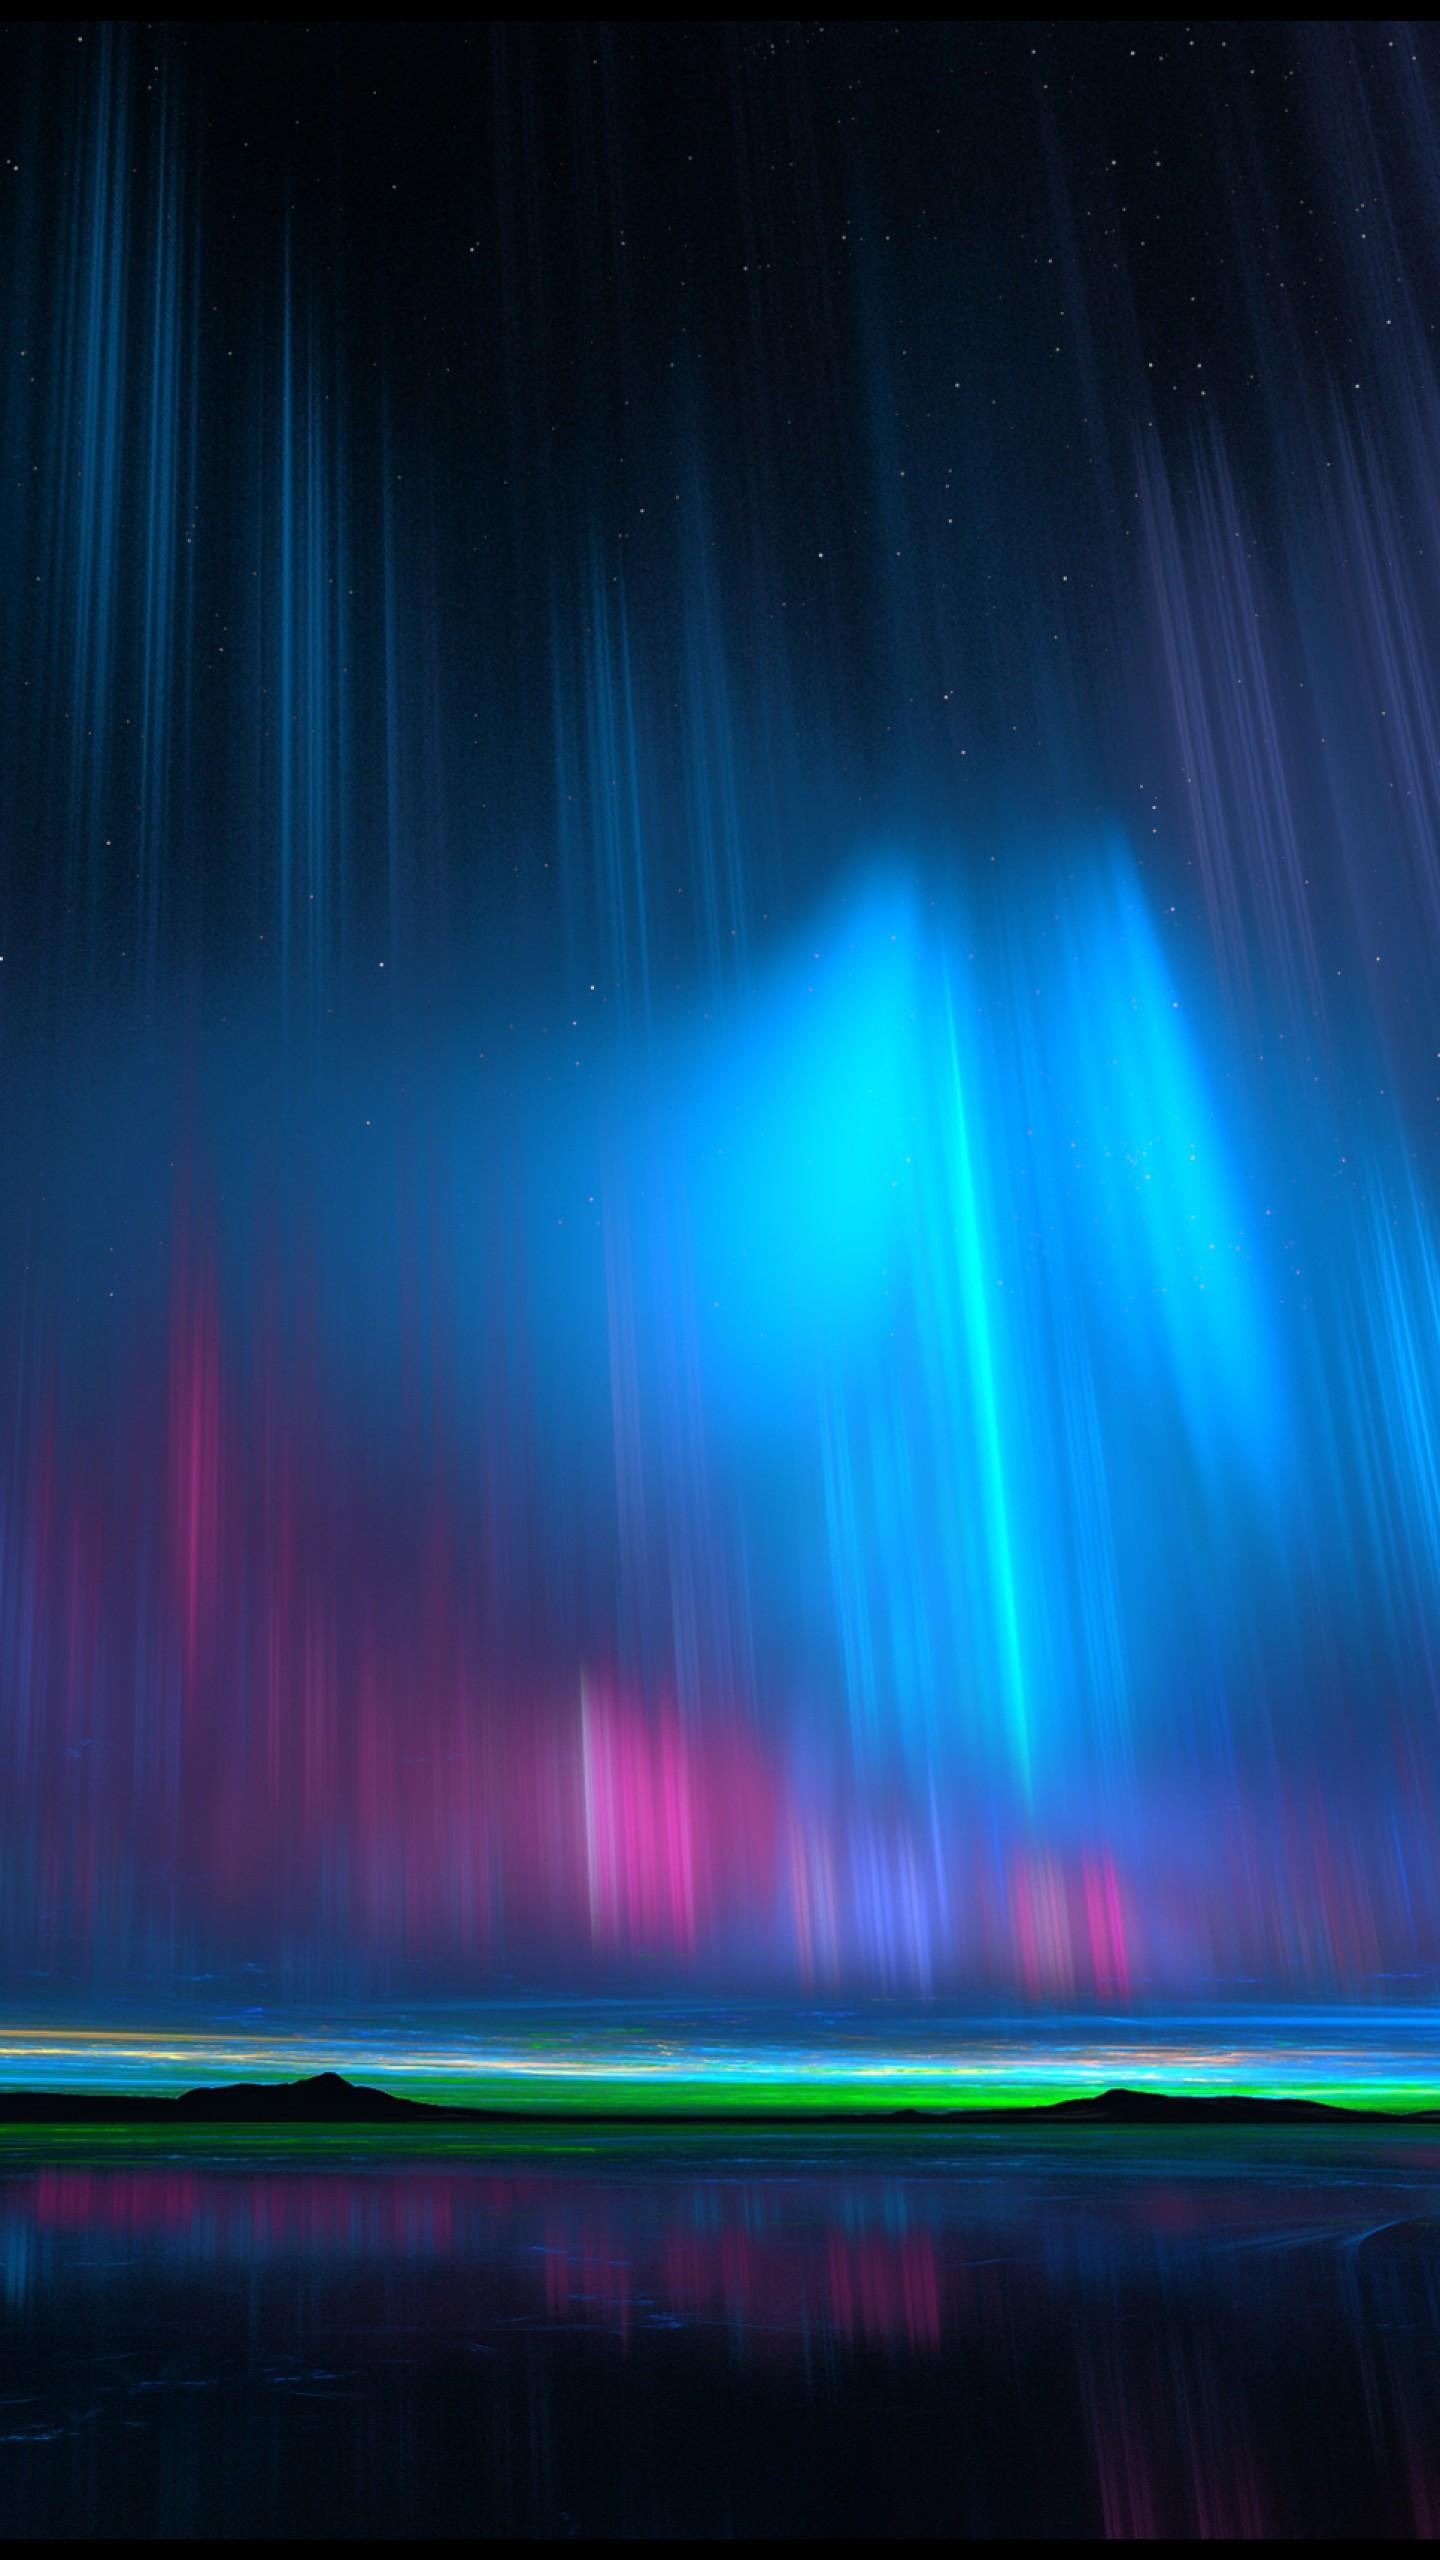 عکس زمینه نورهای شفق شمالی گرافیک خلاق پس زمینه